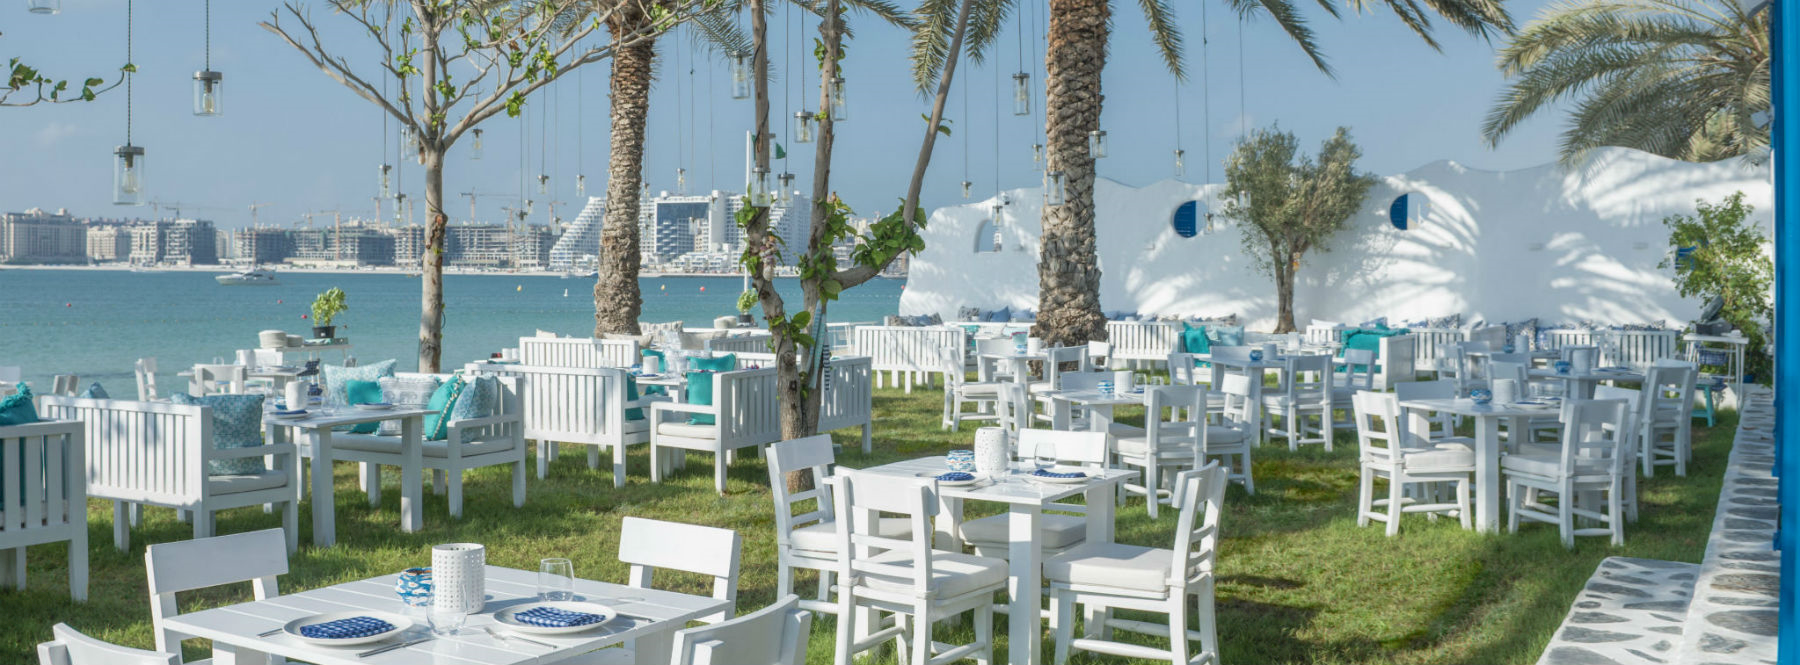 Fish Beach Taverna - Menu